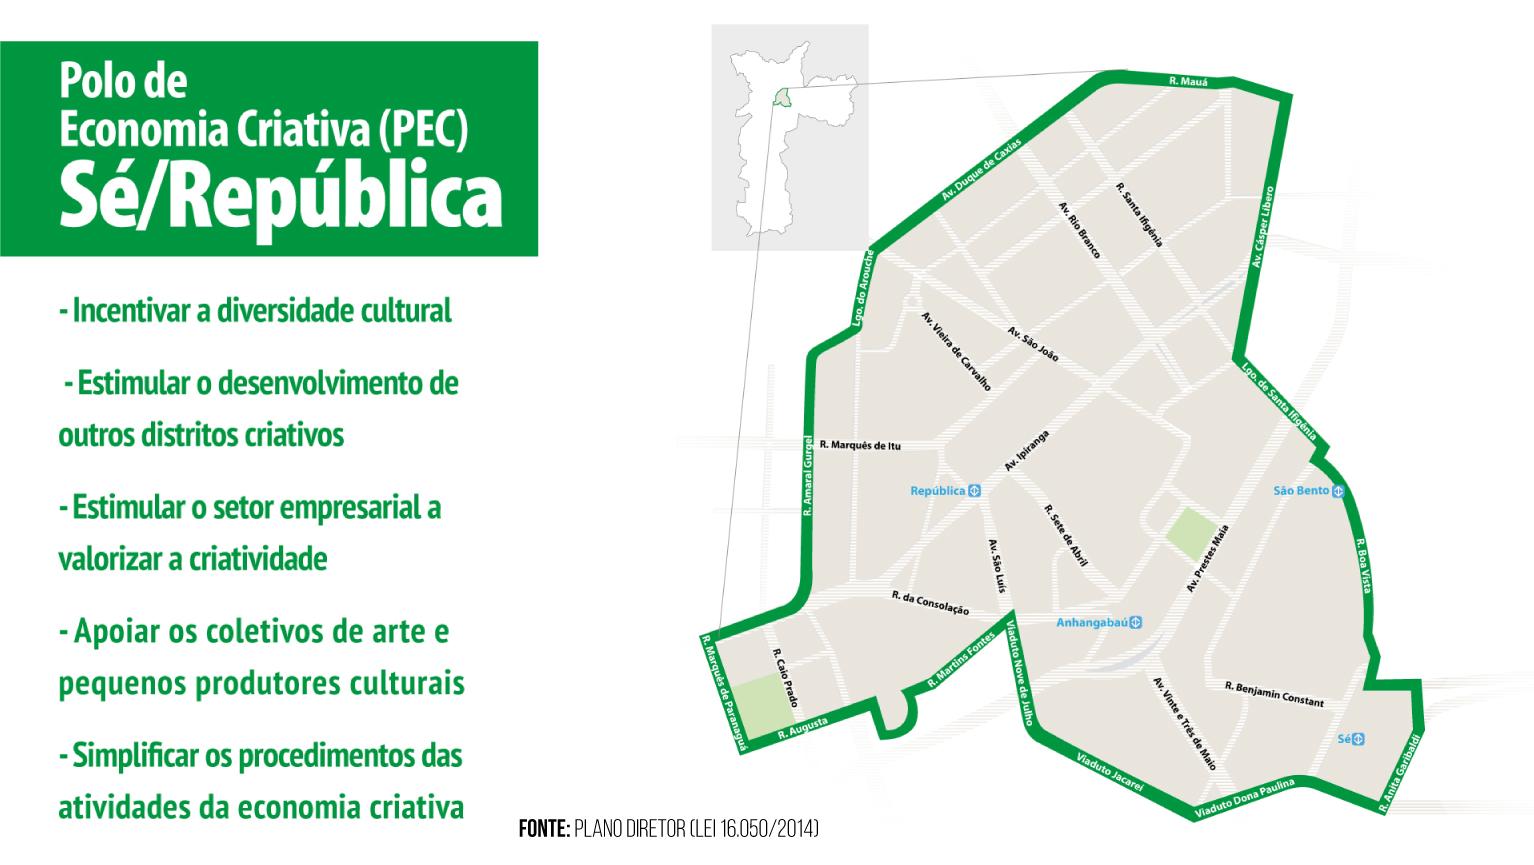 EconomiaCriativa_PEC_SE_REPUBLICA